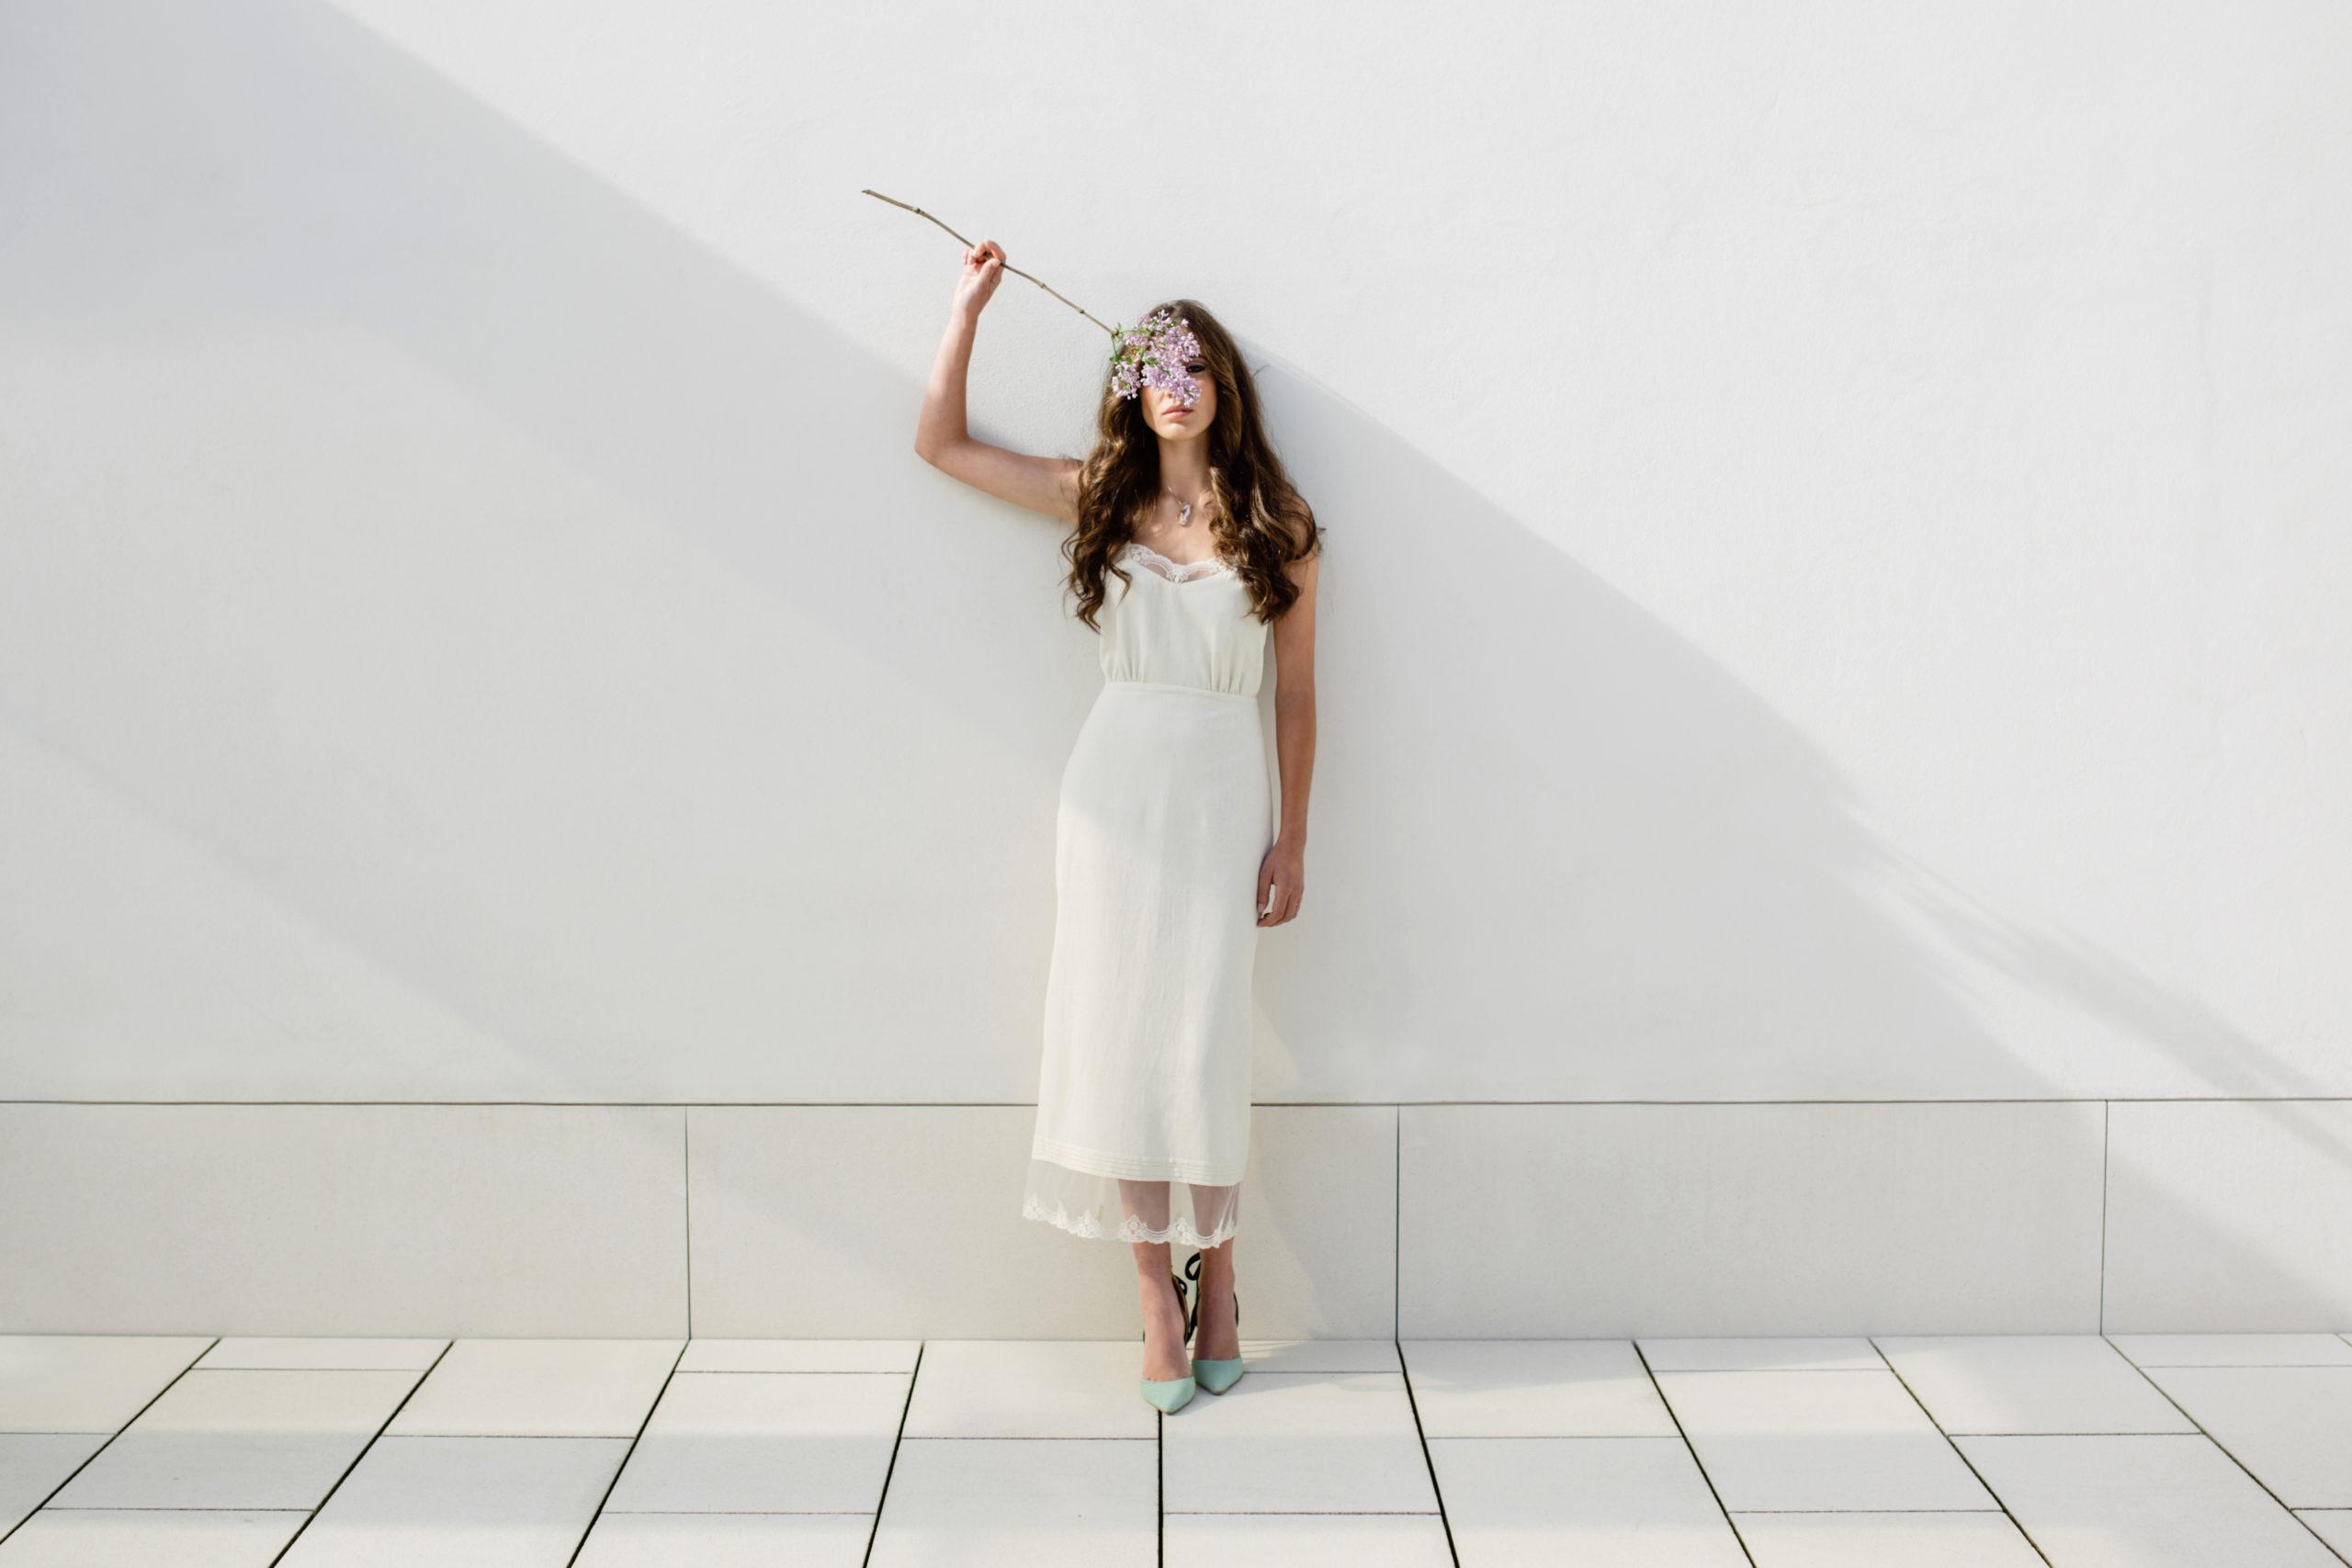 Vestido de novia hecho a medida en atelier de A Coruña. Vestido lencero realizado en seda rústica. Cuerpo con tirantes y puntilla en escote, ablusado en cintura. Falda midi recta con puntilla en bajo.